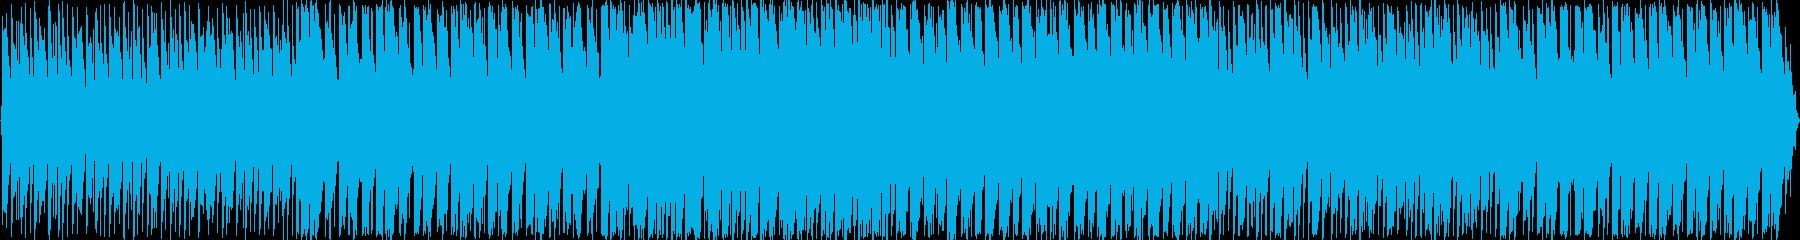 エレクトロポップインストゥルメンタ...の再生済みの波形